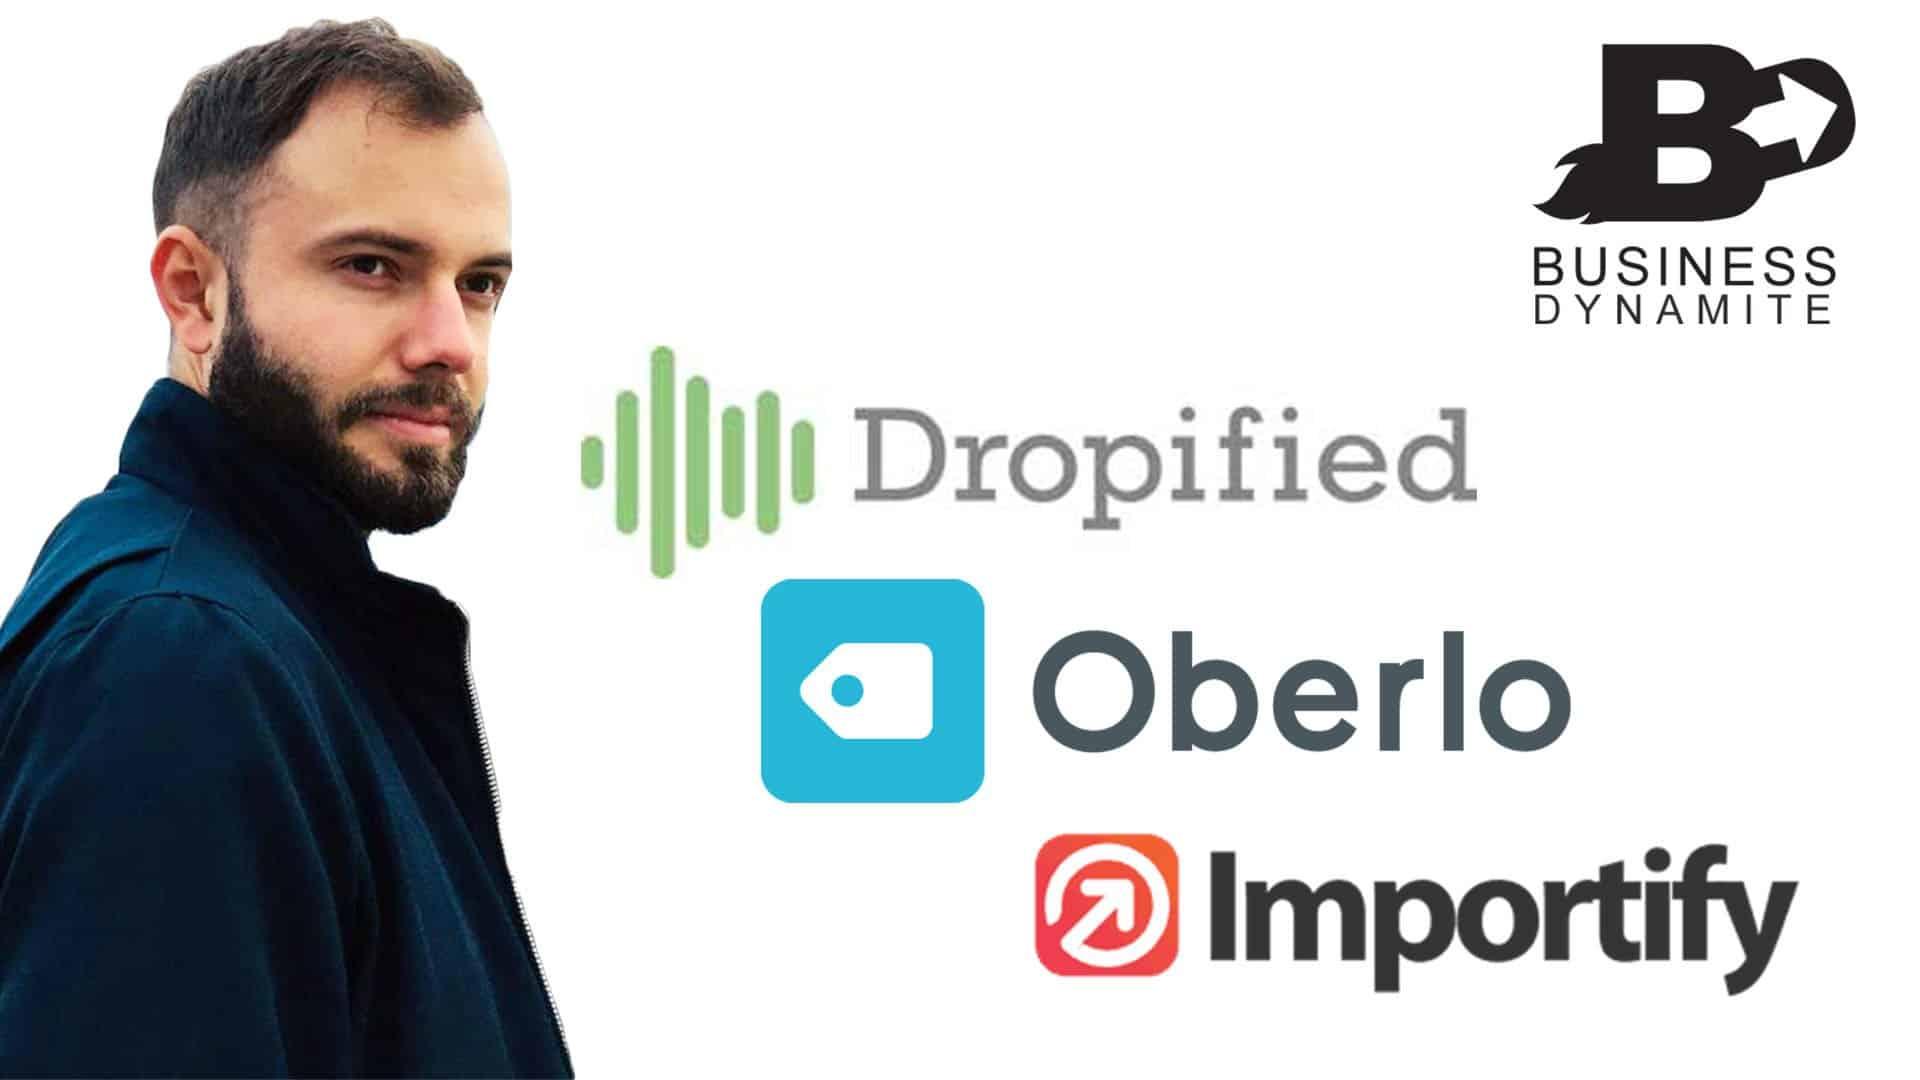 Dropified ou oberlo ou importify ? Comparatif des différentes extensions